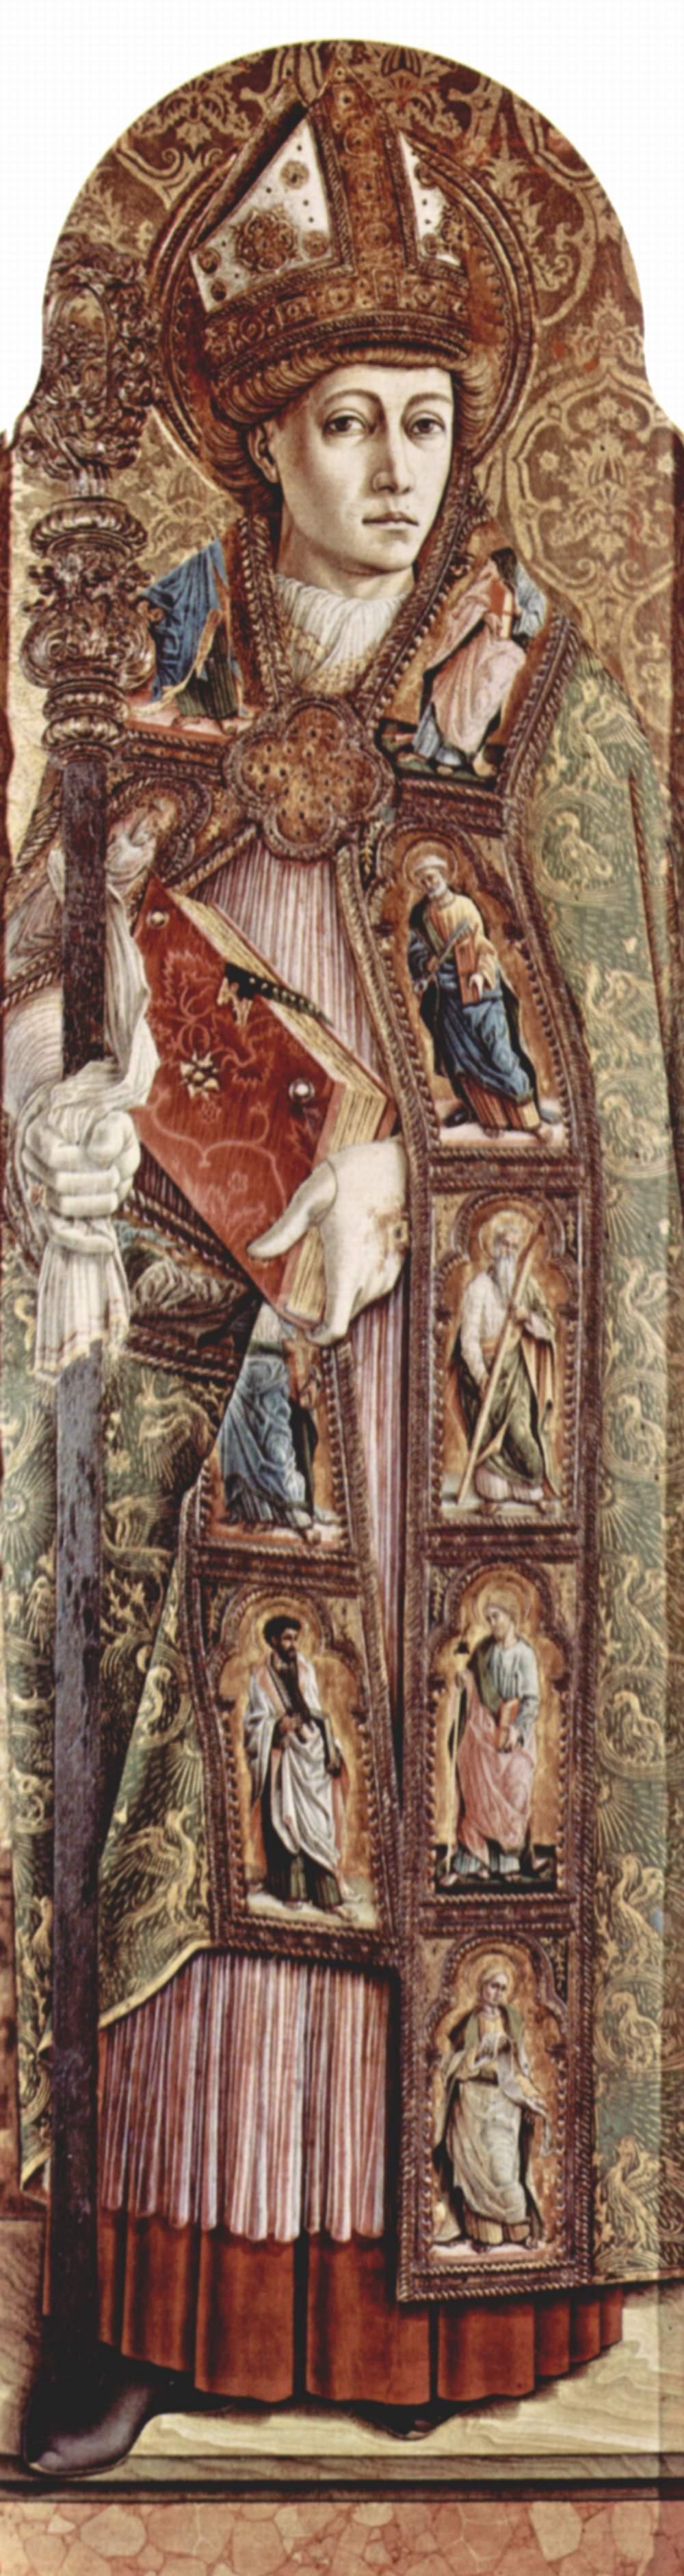 Центральный алтарь кафедрального собора в Асколи, полиптих, внутреняя правая доска  св. Эмидий, Карло Кривелли